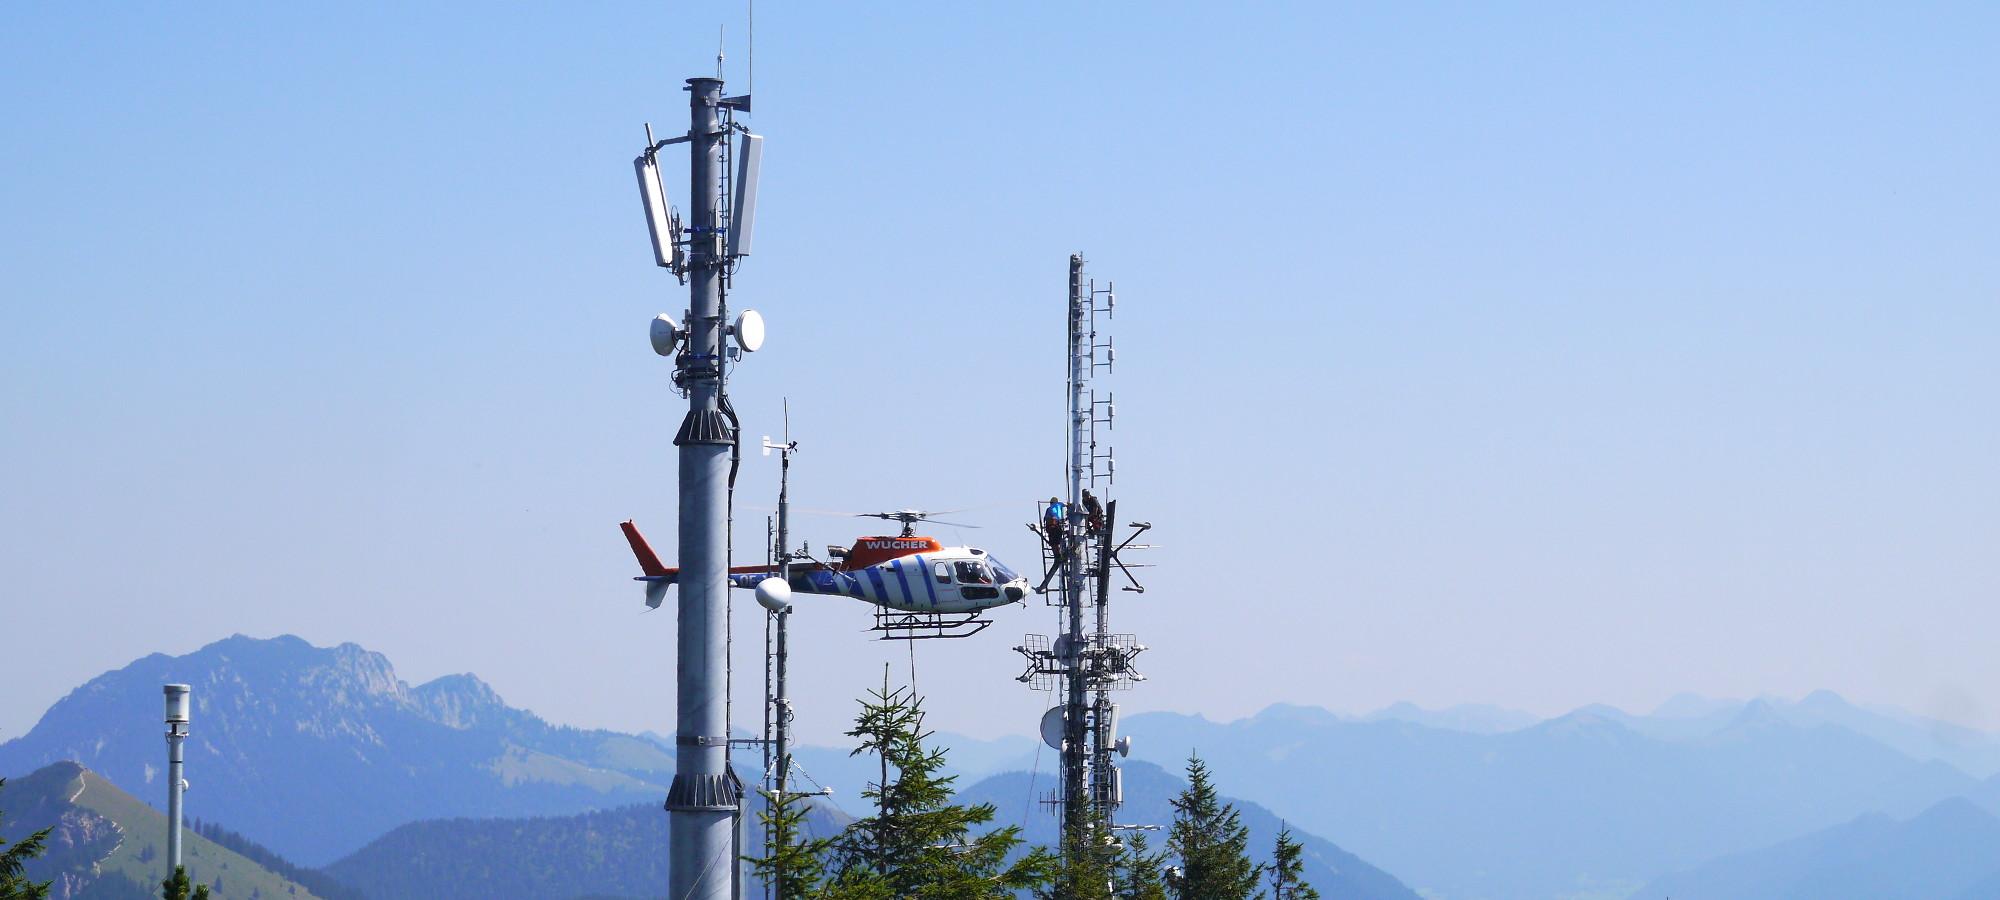 reiter_antennenbau_header_allgemein2a.jpg